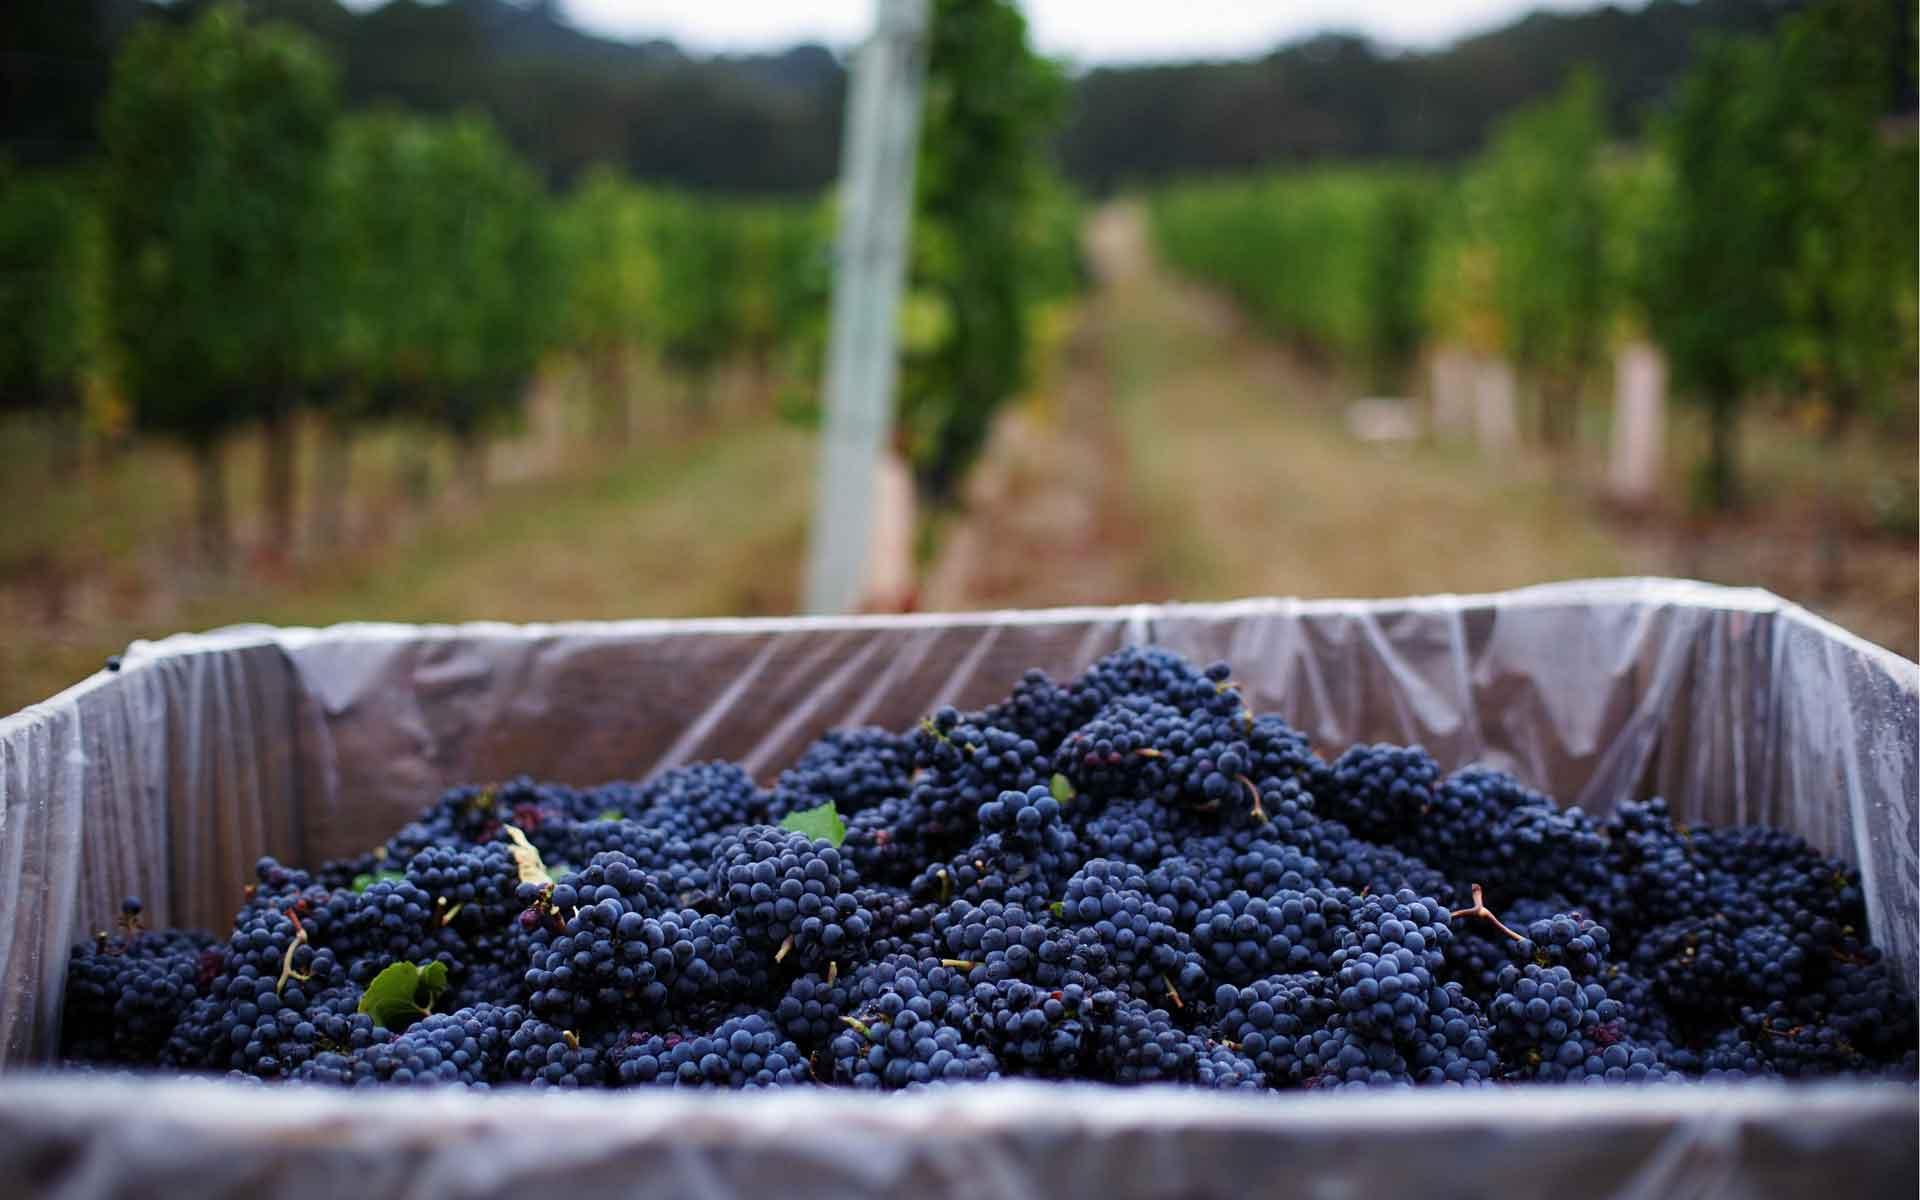 Aus diesen blauen Pinot Noir-Trauben wird Rotwein hergestellt. (Foto: Jim Fischer / Flickr)